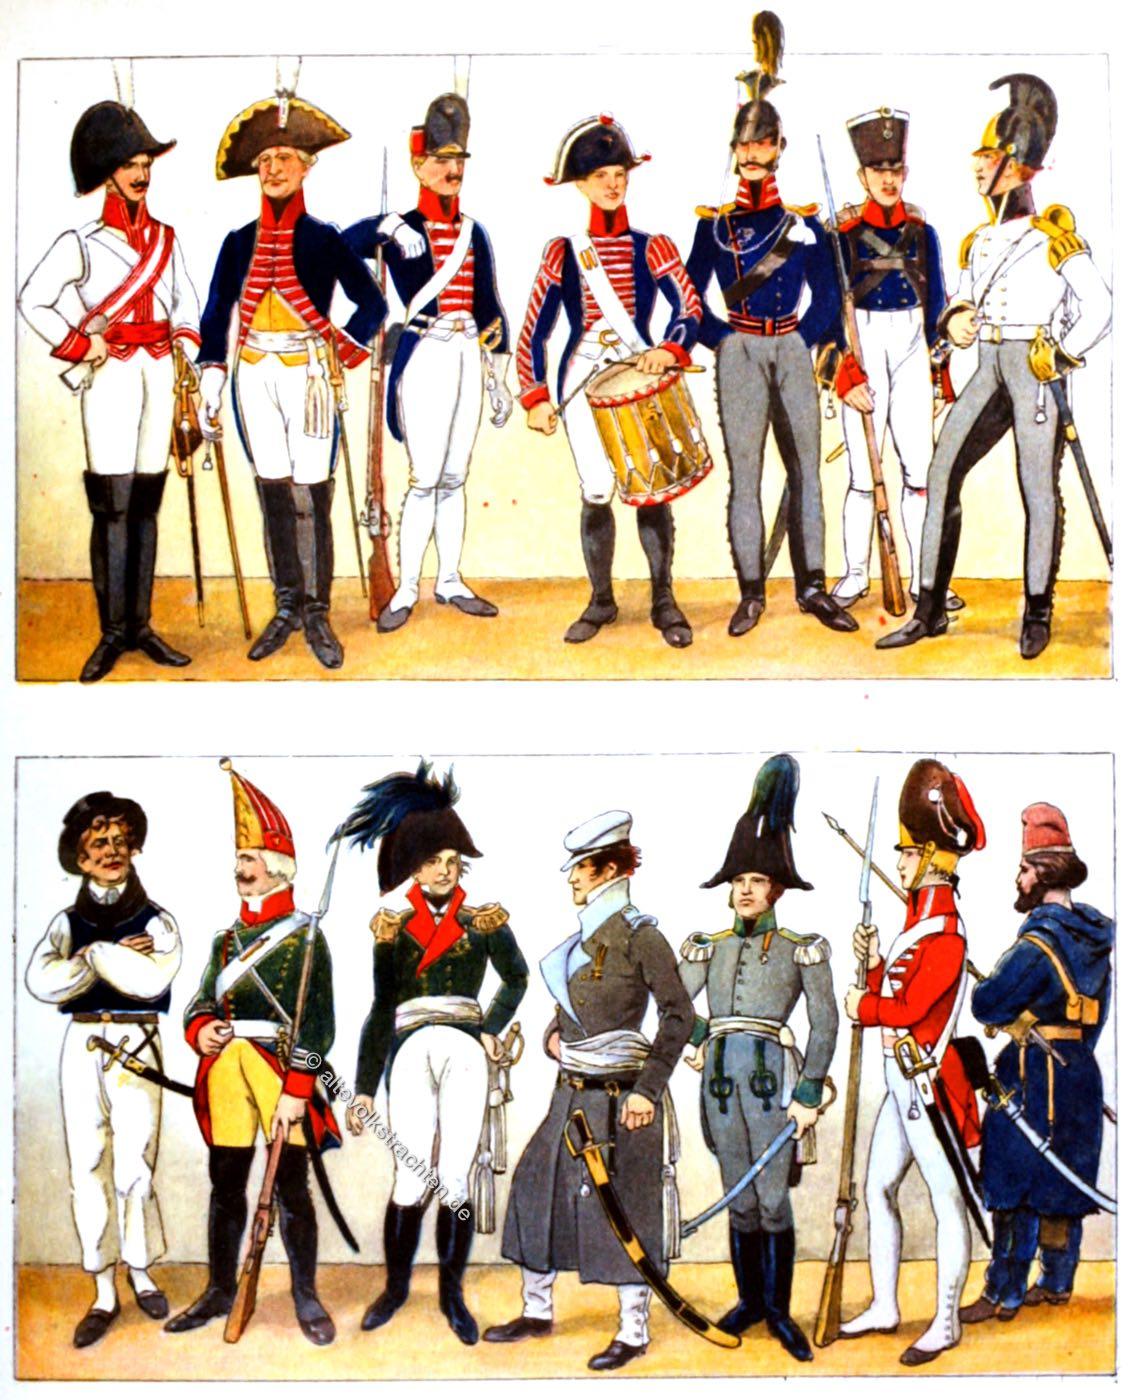 Militär, Uniformen, Russland, England, Preussen, Österreich